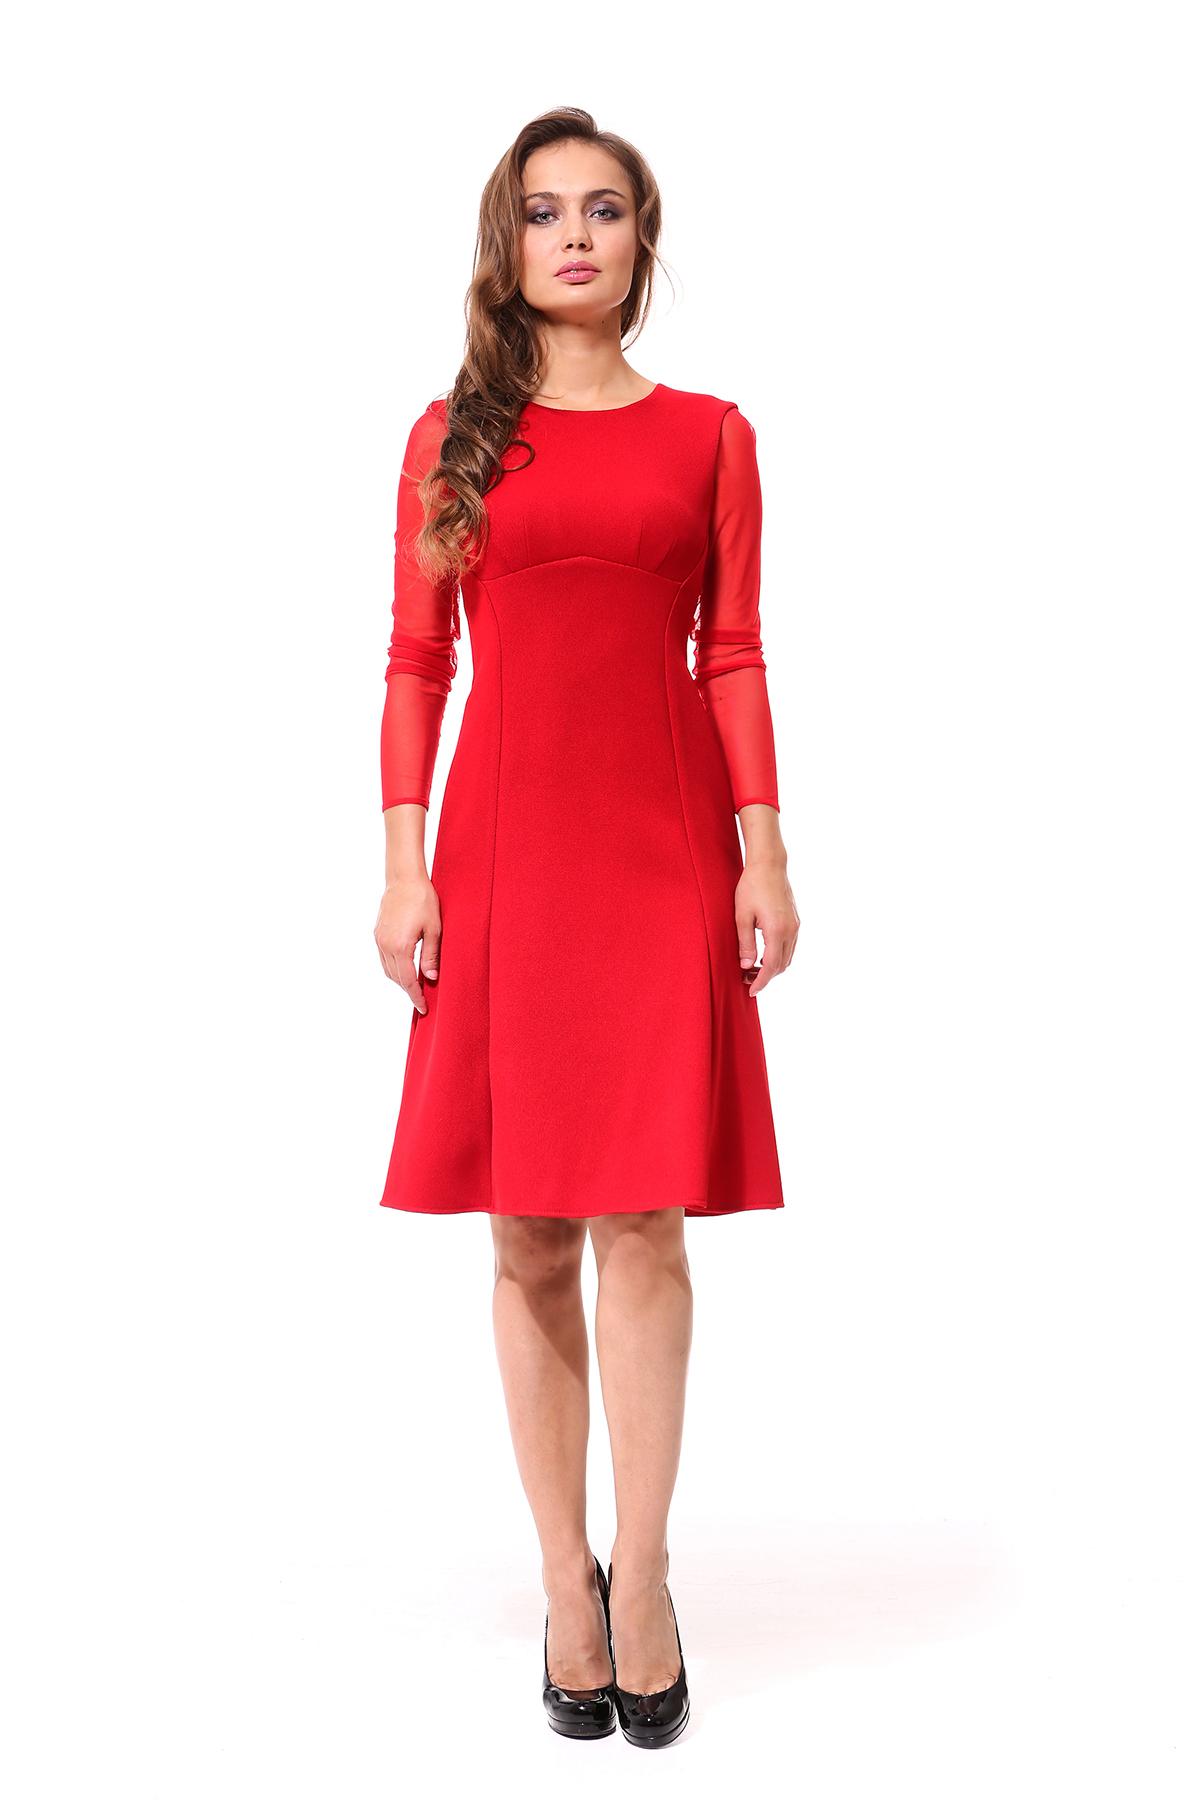 Красное платье под черные туфли